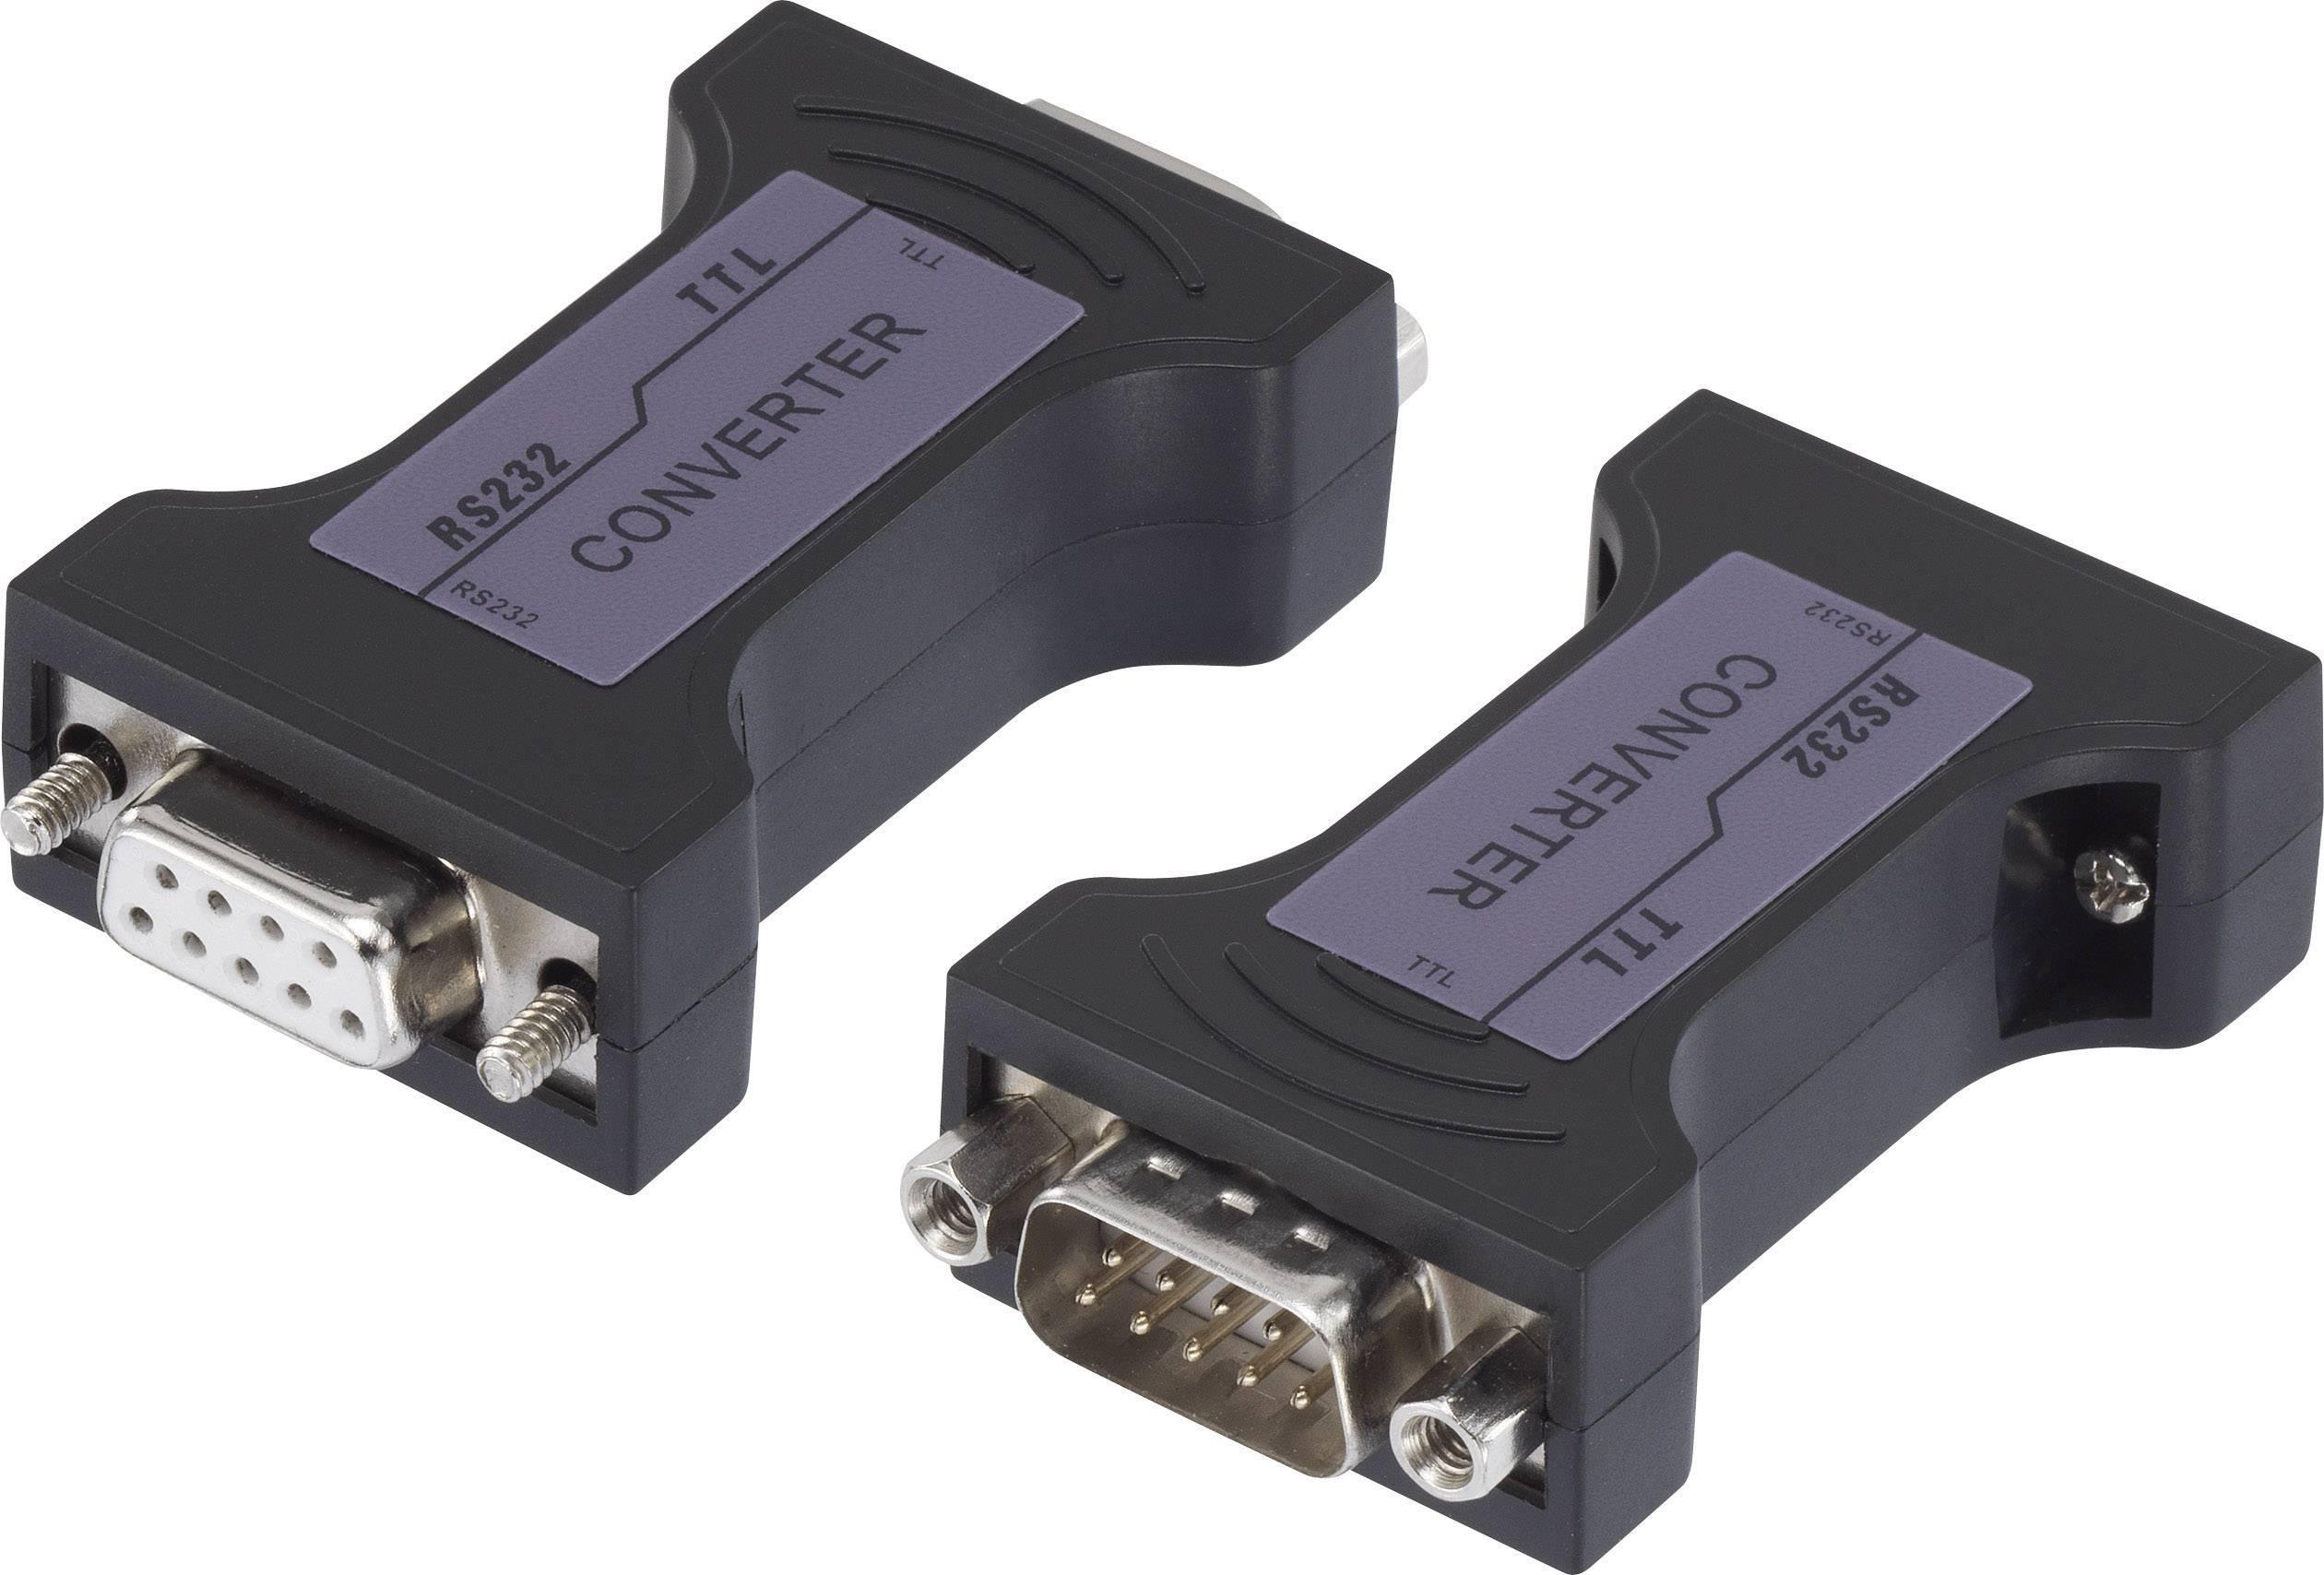 Sériový adaptér Renkforce [1x D-SUB zástrčka 9-pólová - 1x D-SUB zásuvka 9-pólová], čierna